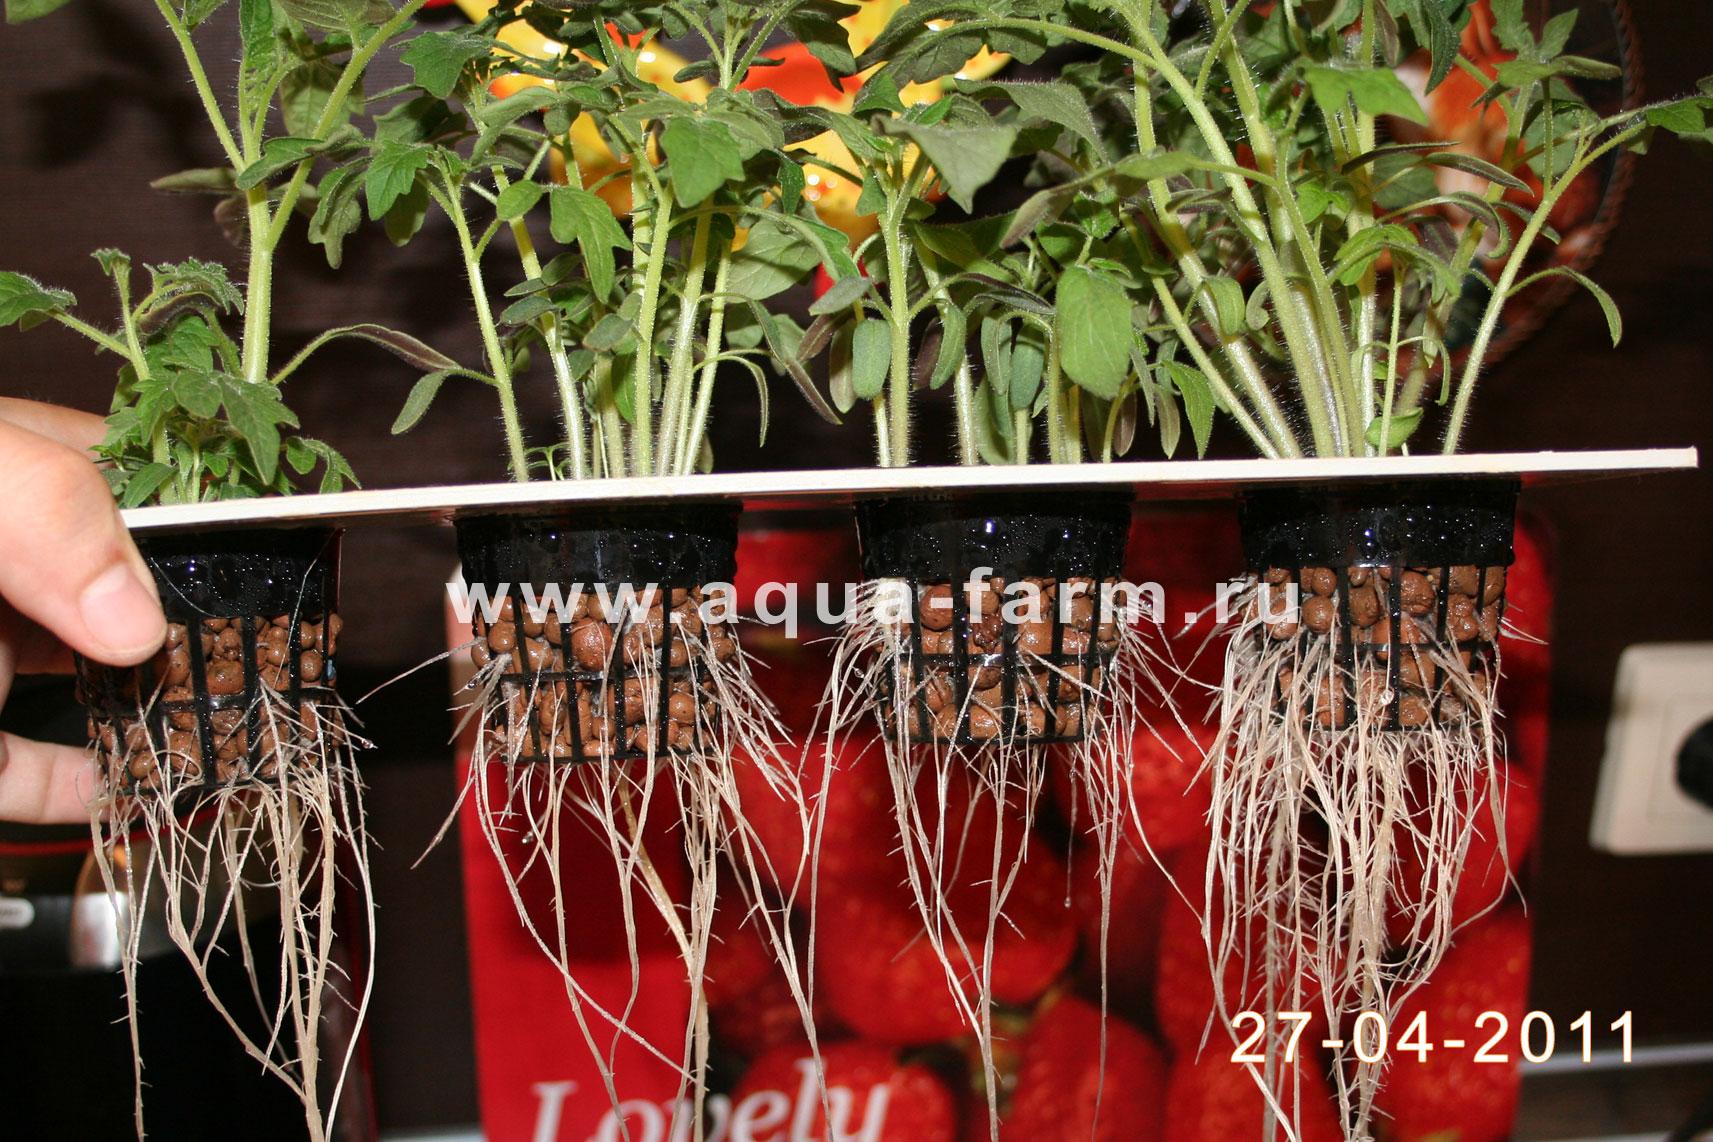 Выращивание помидоров на гидропонике в домашних условиях и теплице, видео и фото